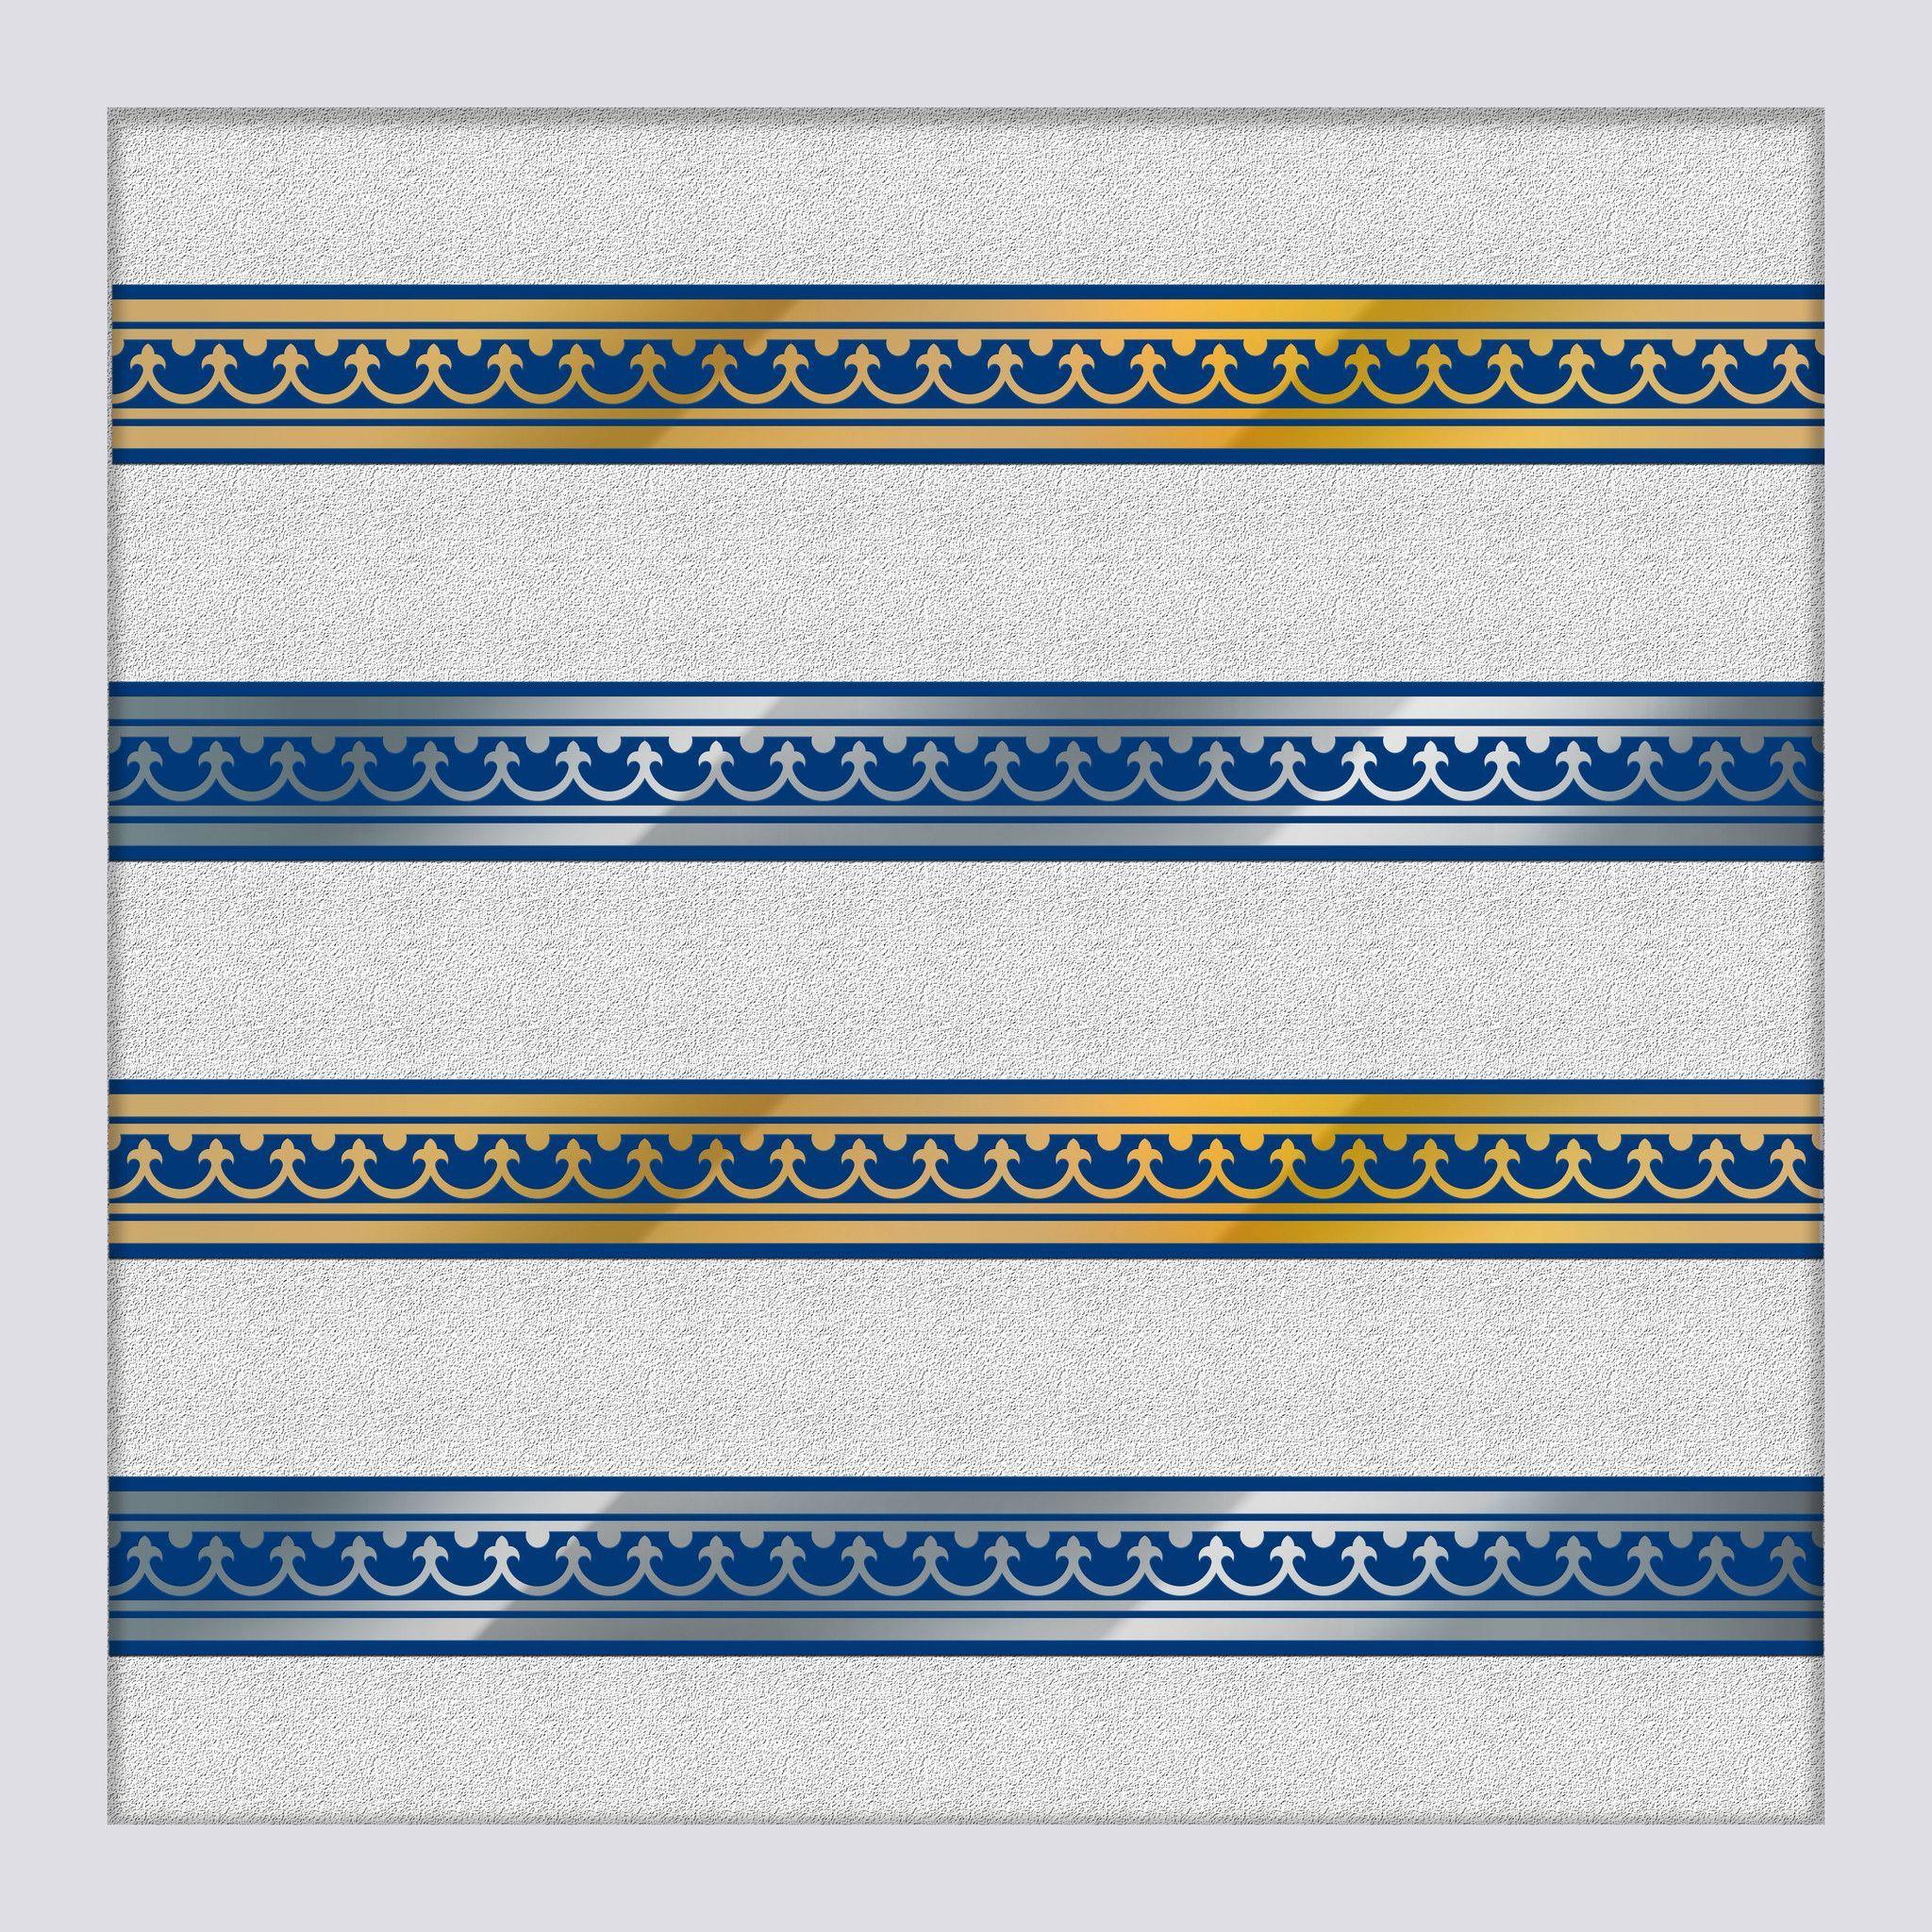 NEIVE - Peel & Stick decorative metal borders